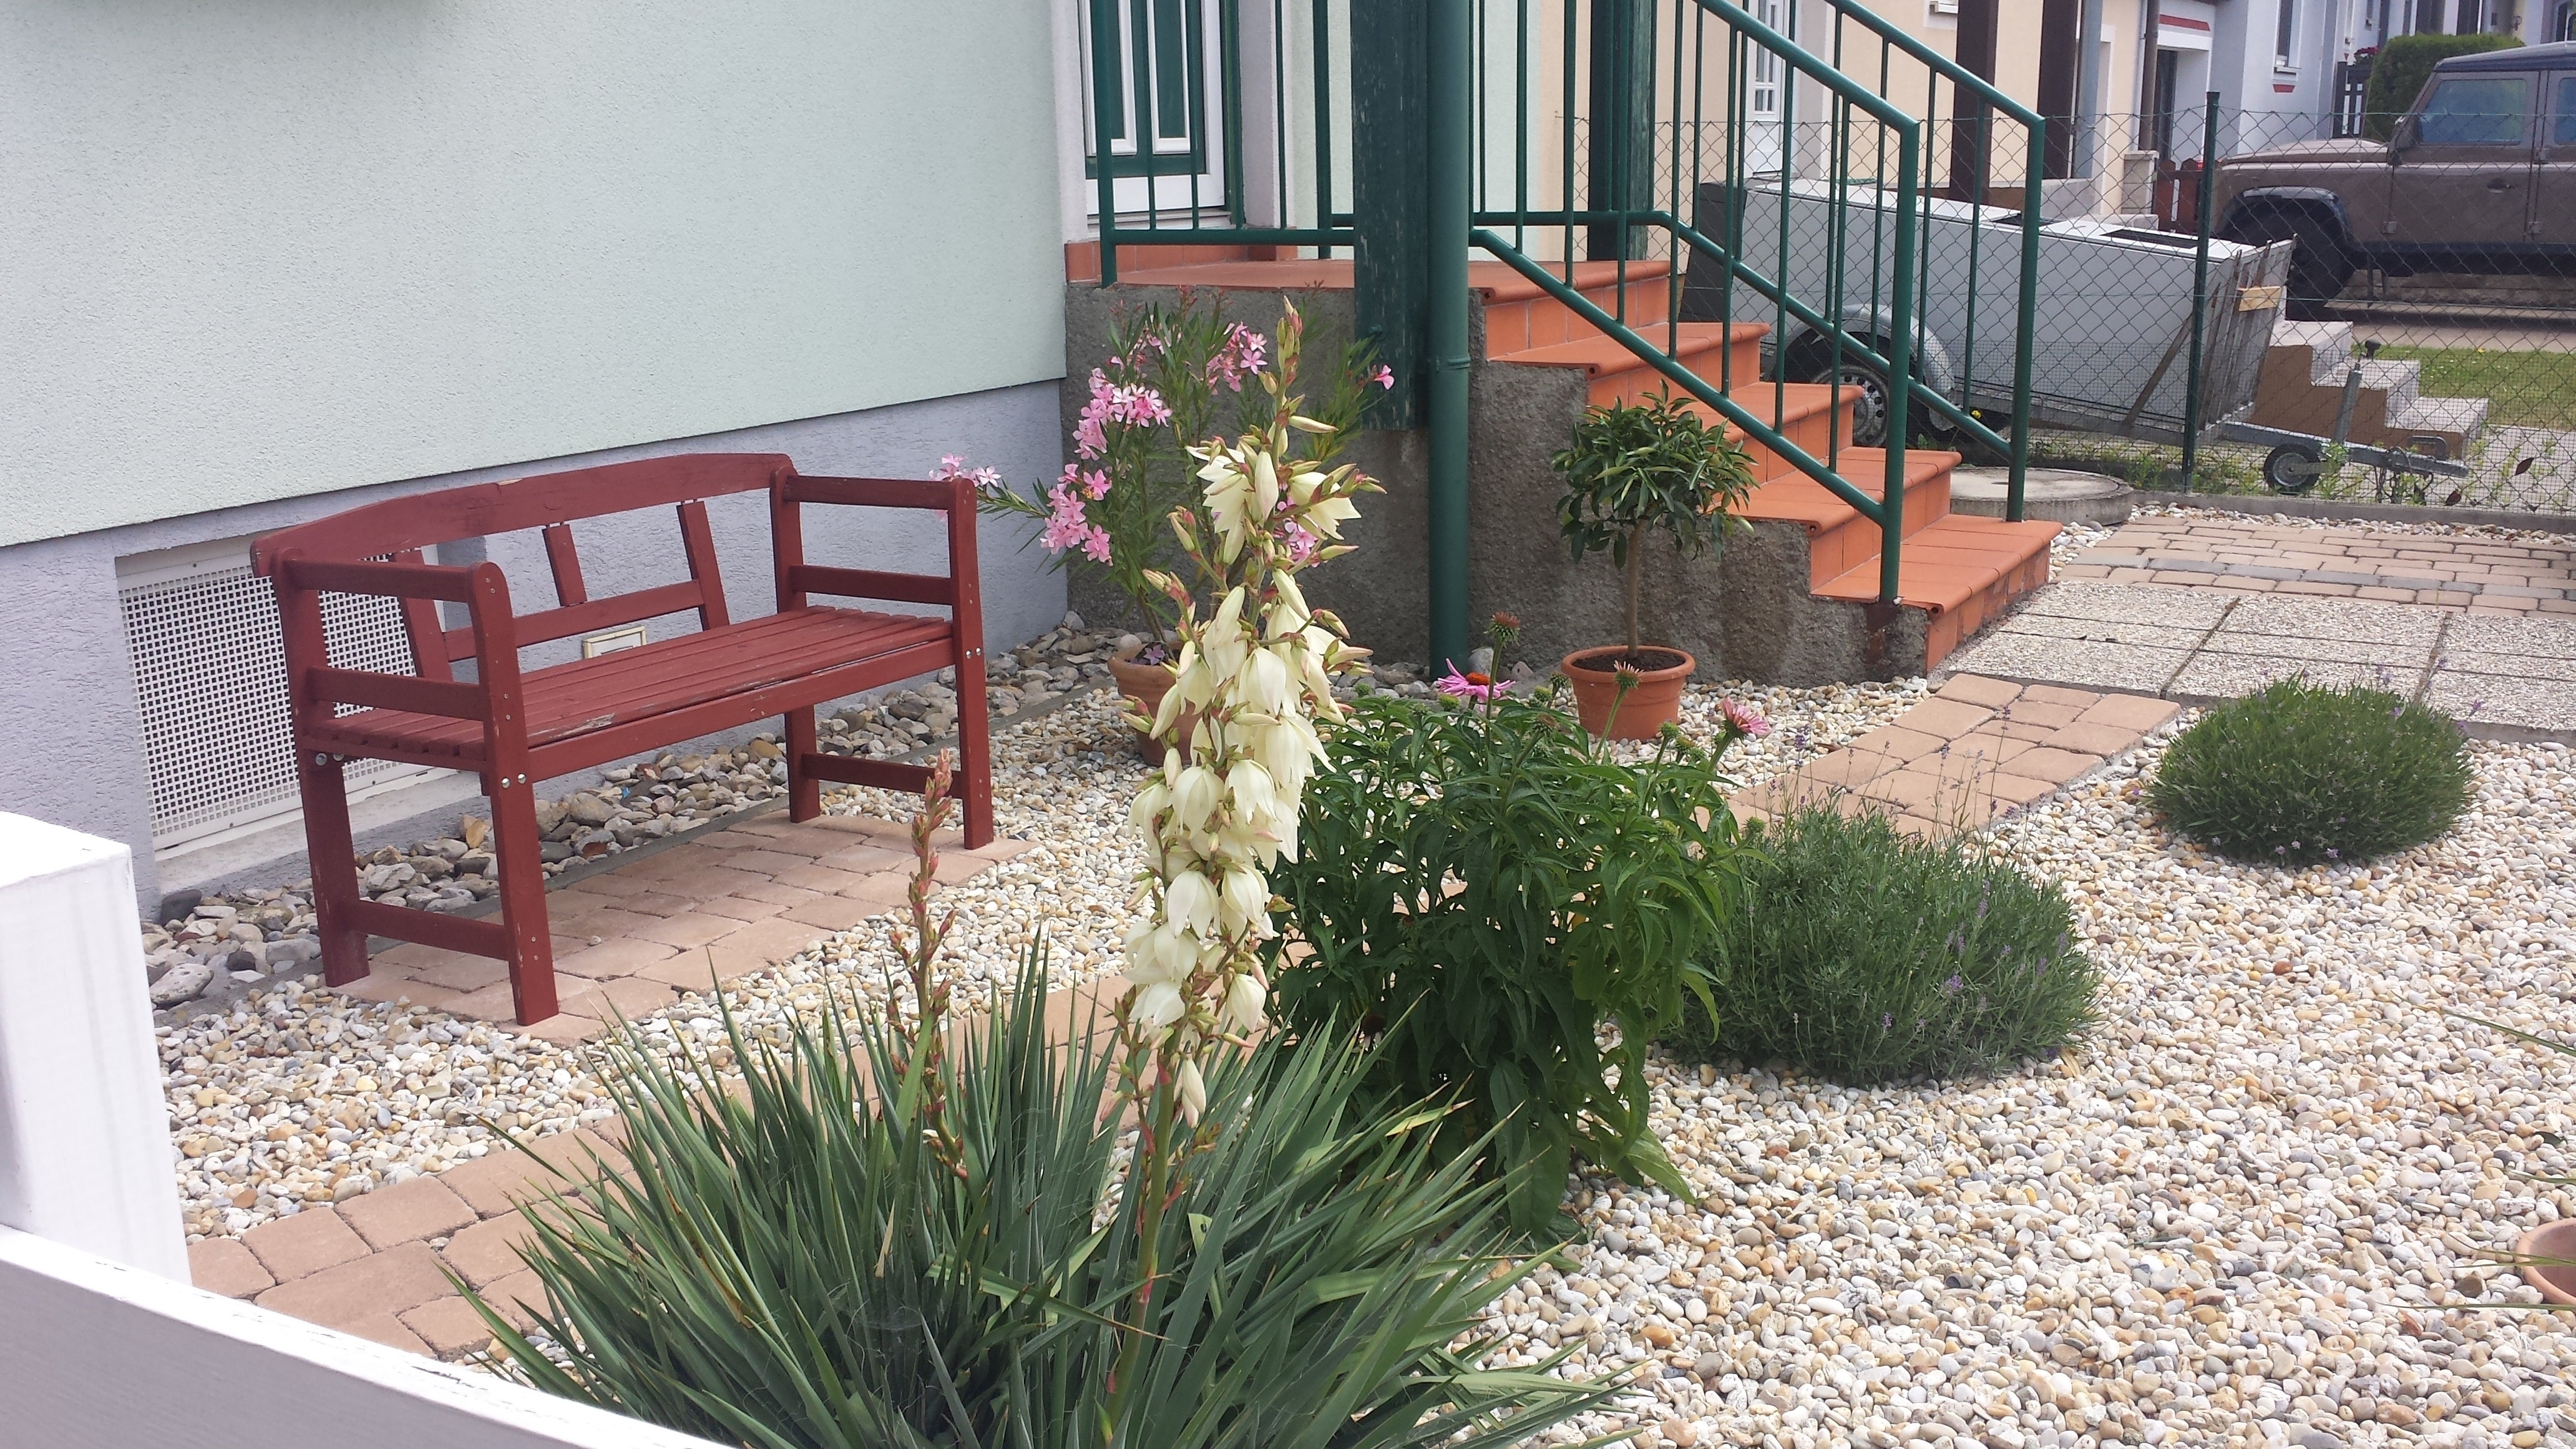 Schon Besonders Gut Für Einen Kiesgarten Eignen Sich Folgende Pflanzen